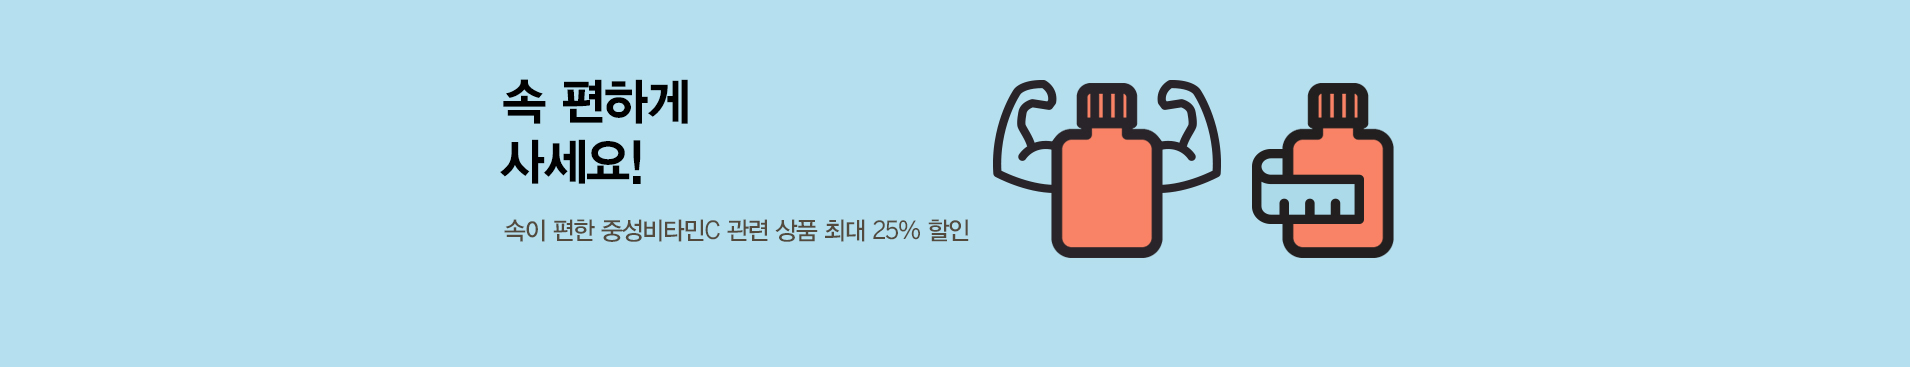 속 편하게 사세요! 비타민C 관련 상품 최대 15% 할인